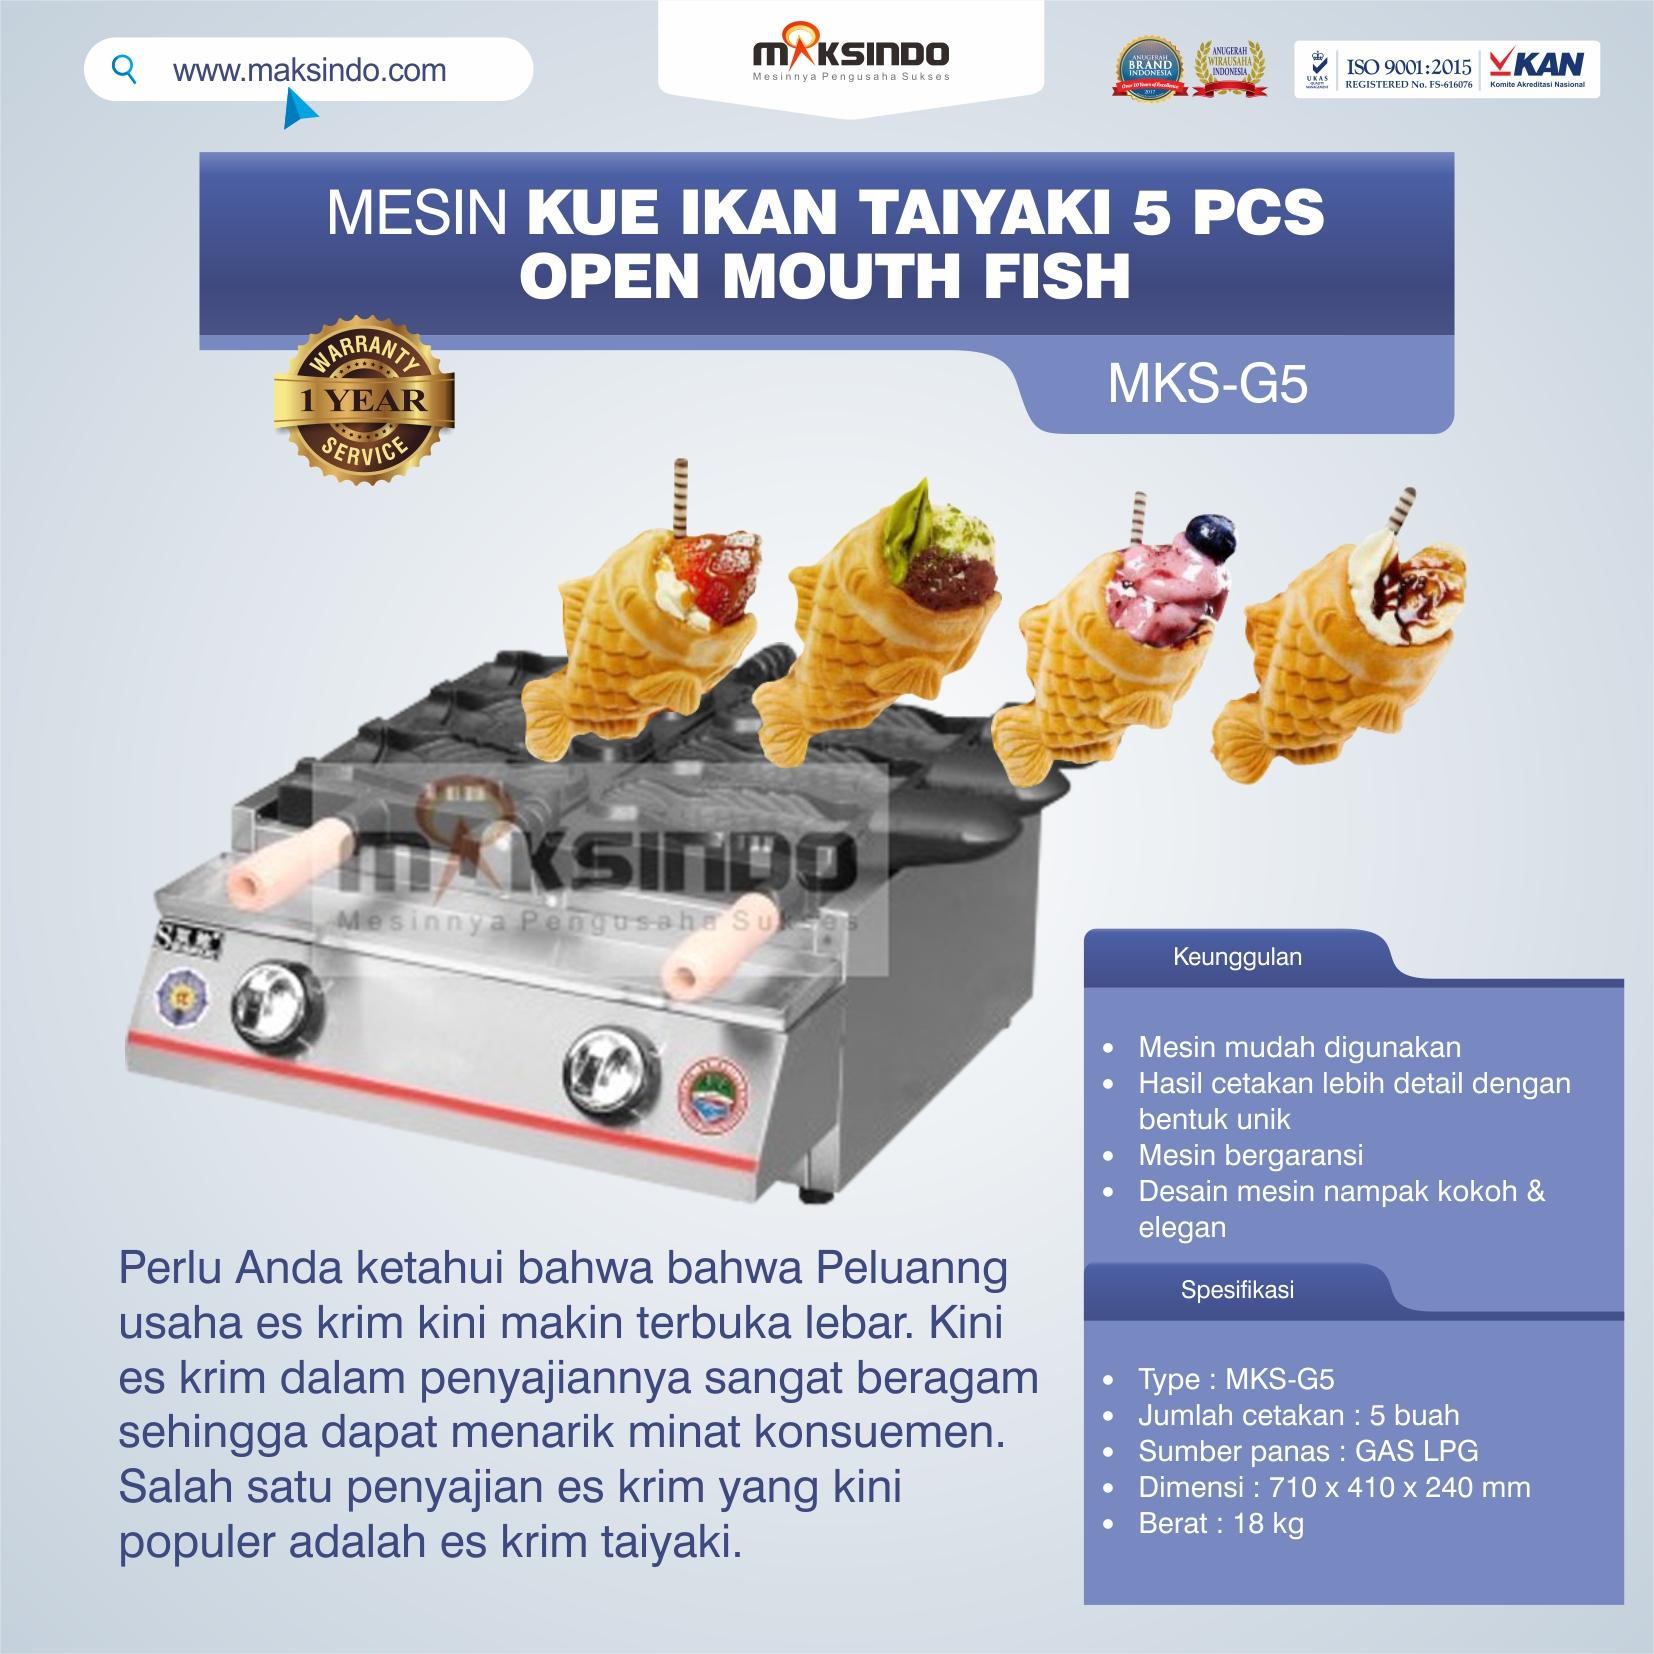 Jual Mesin Kue Ikan Taiyaki 5 Pcs – Open Mouth Fish di Semarang